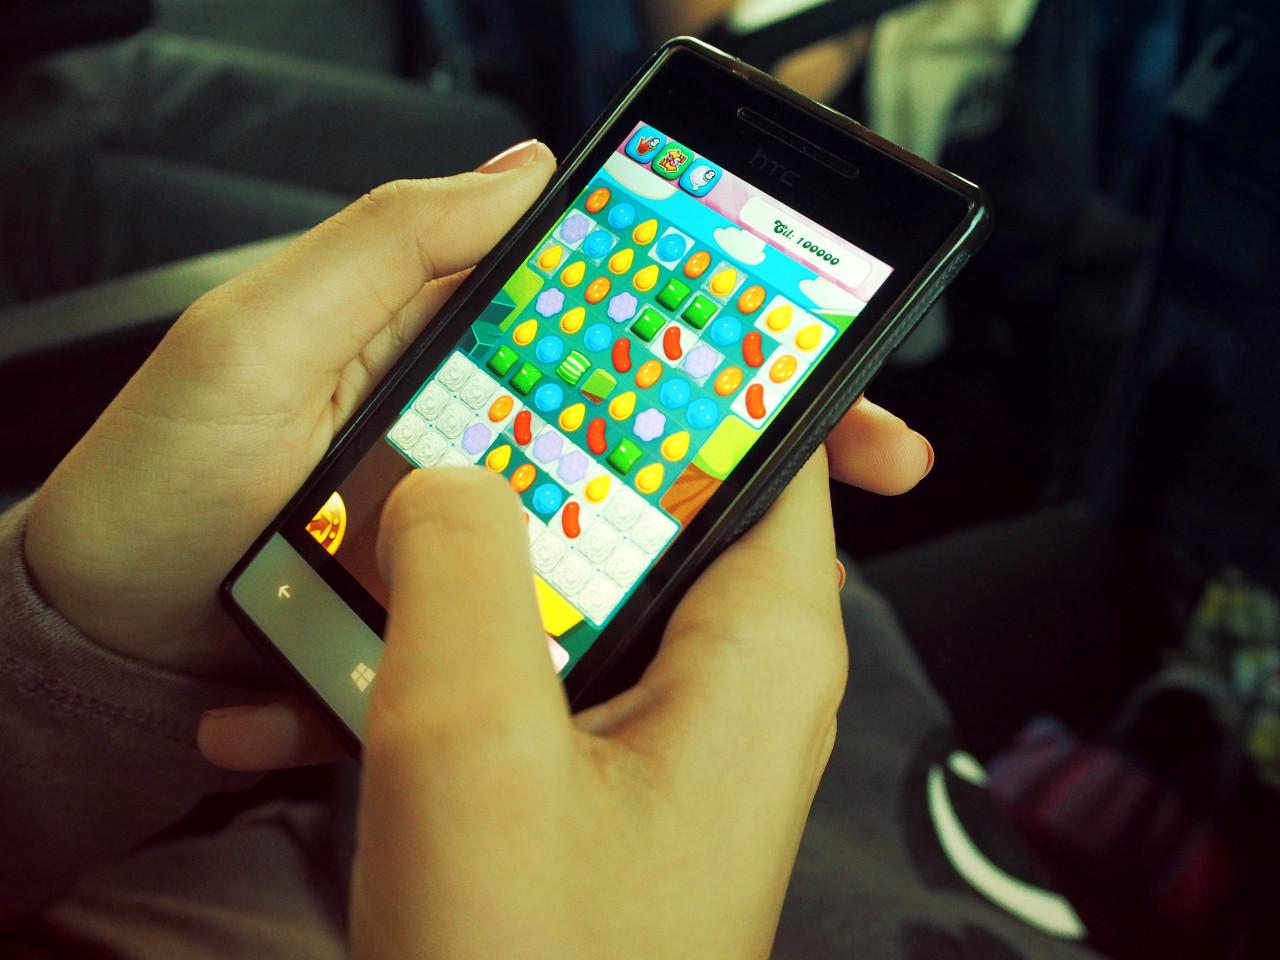 Conoce los mejores juegos de Android 2020 al estilo puzzle